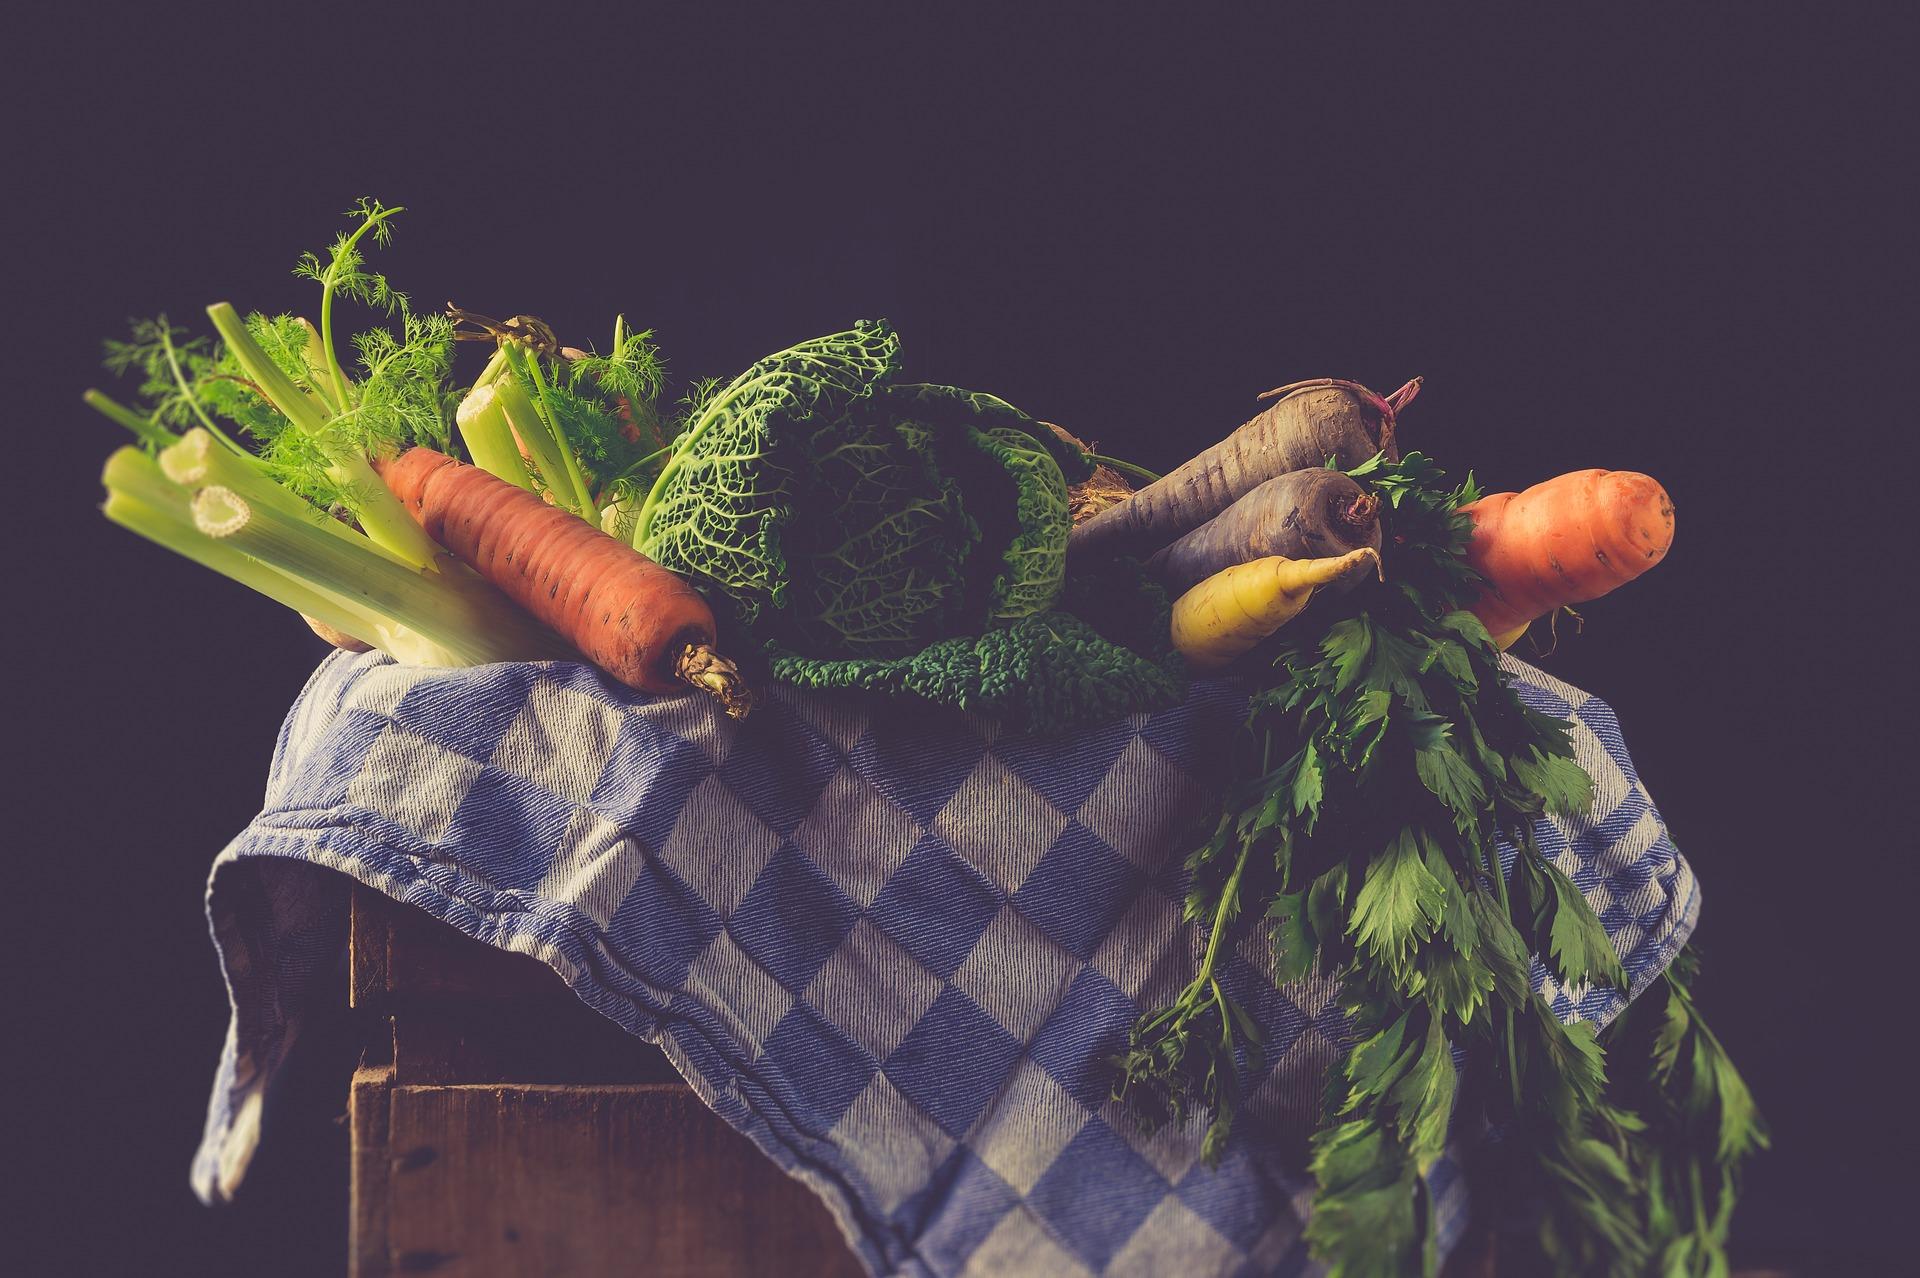 1月なのに!夏野菜の種をまきました。